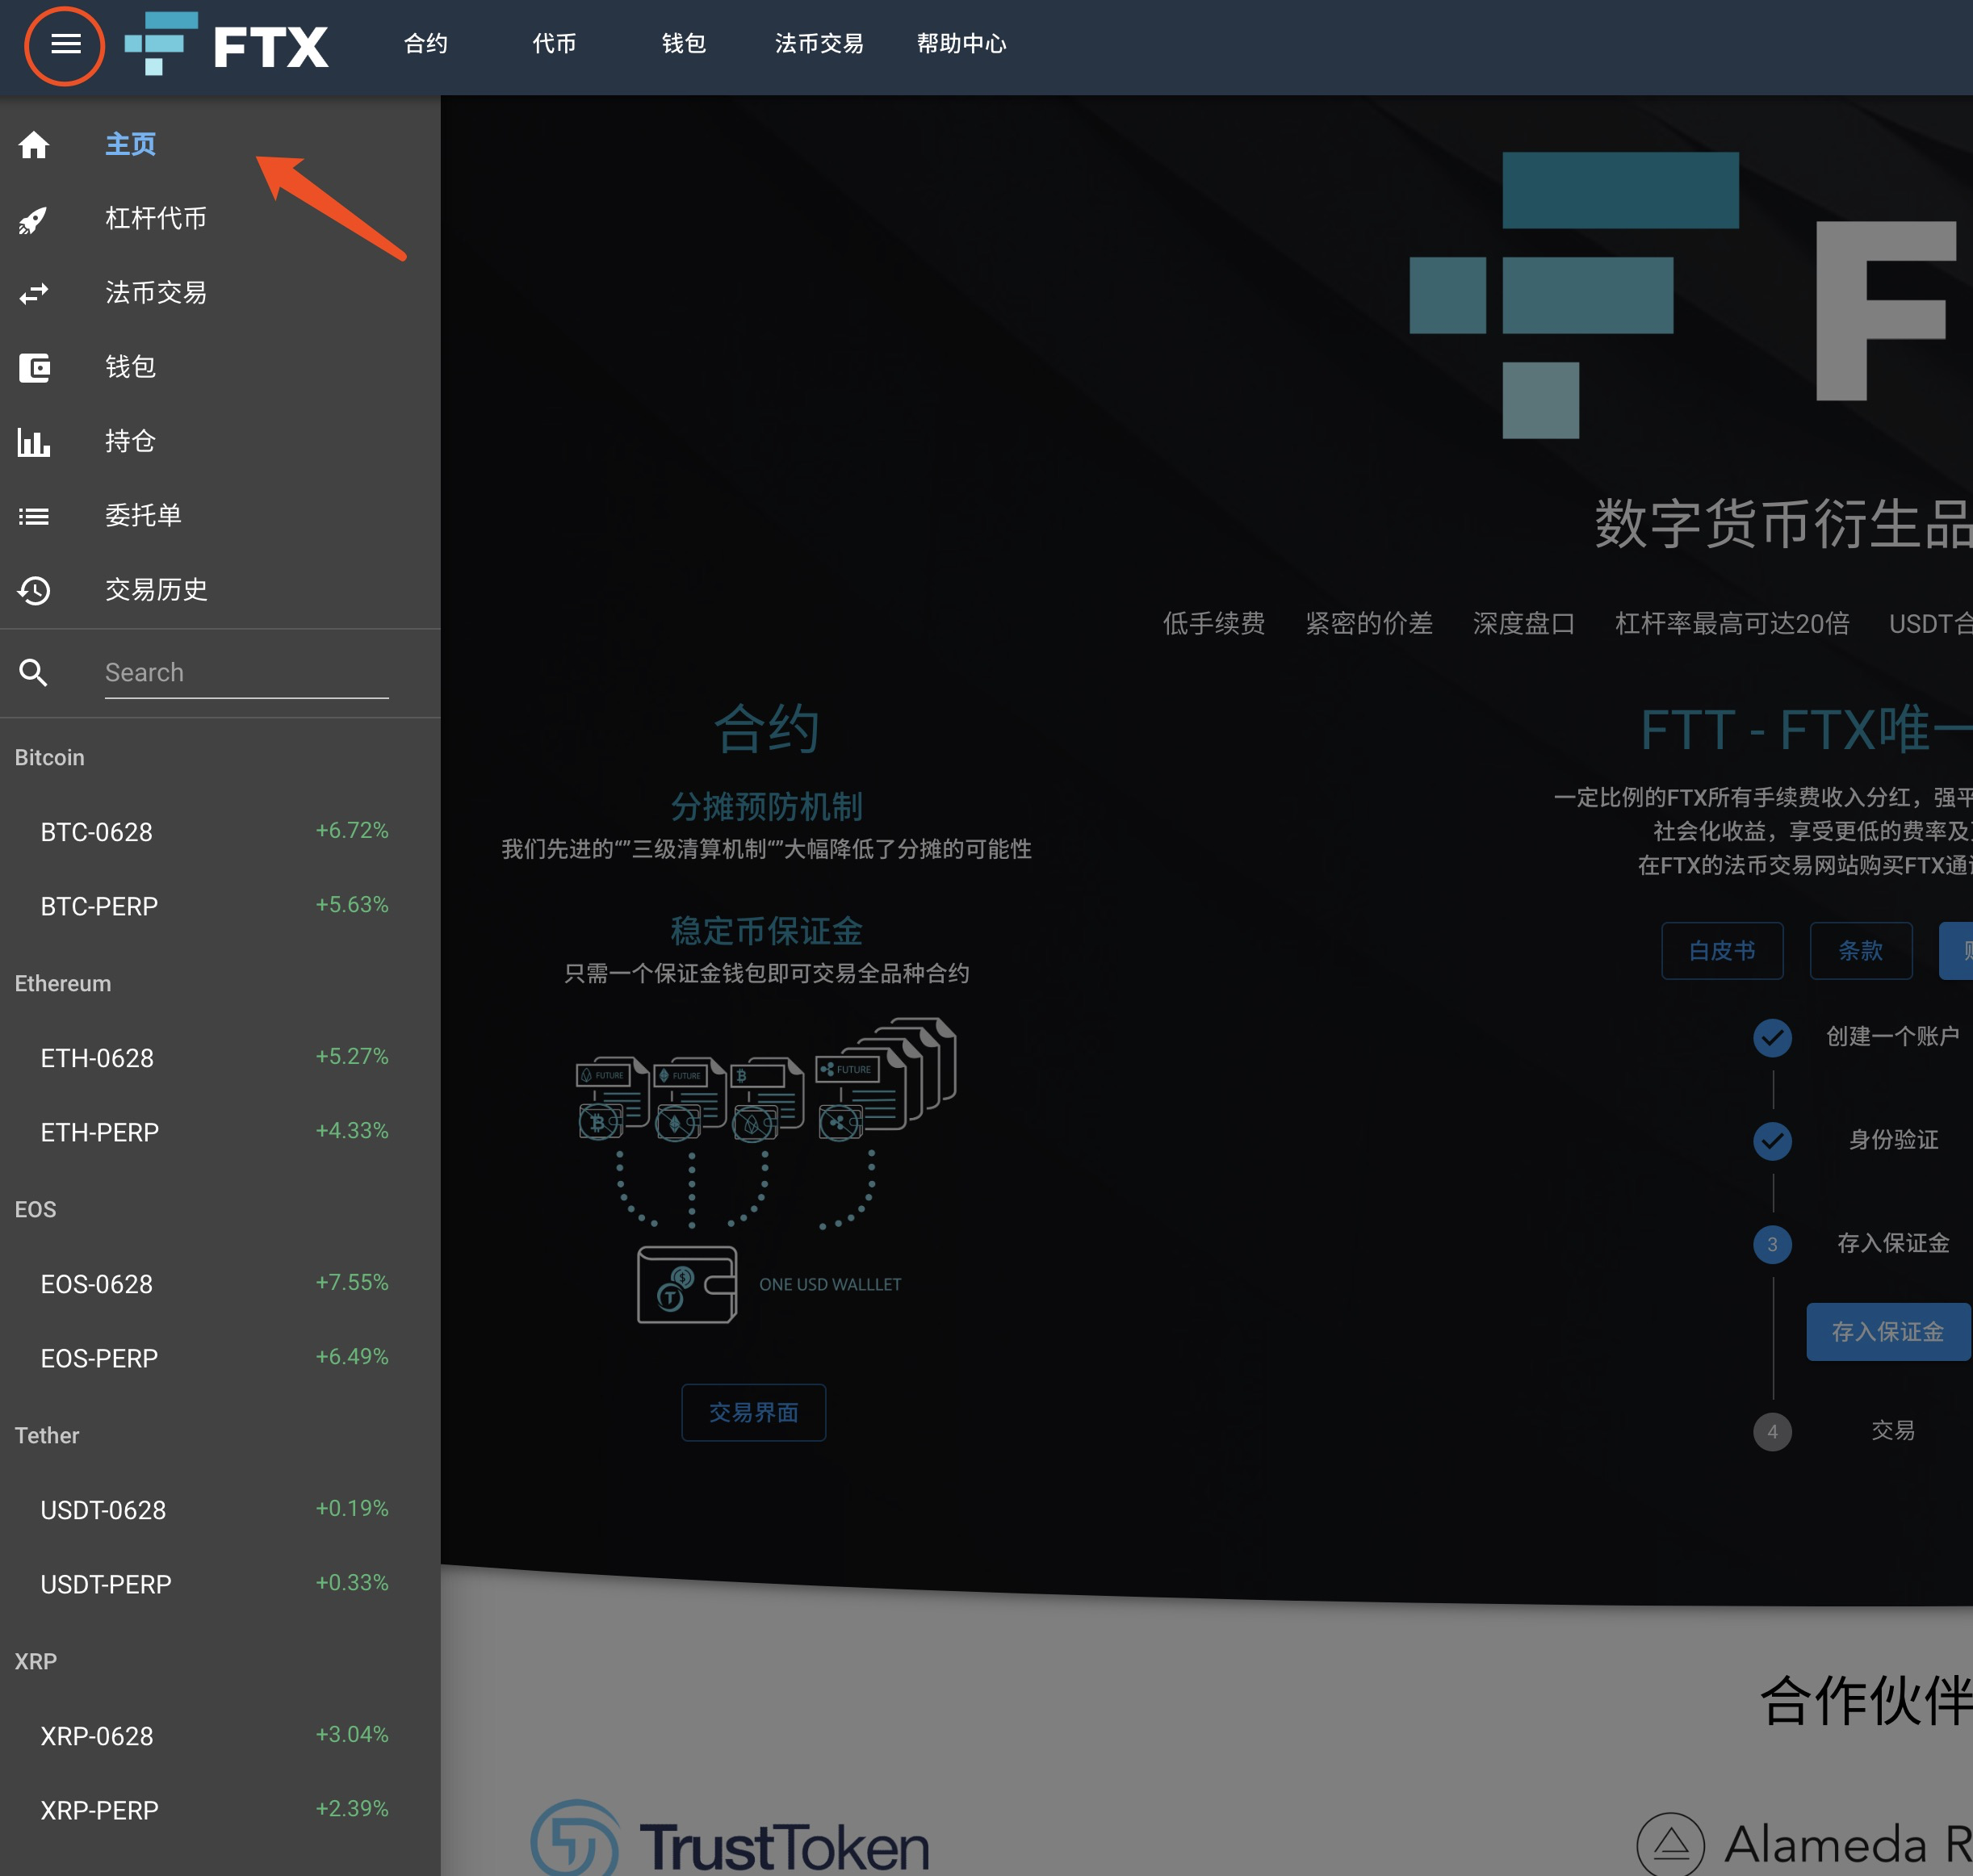 FTX出入金教程